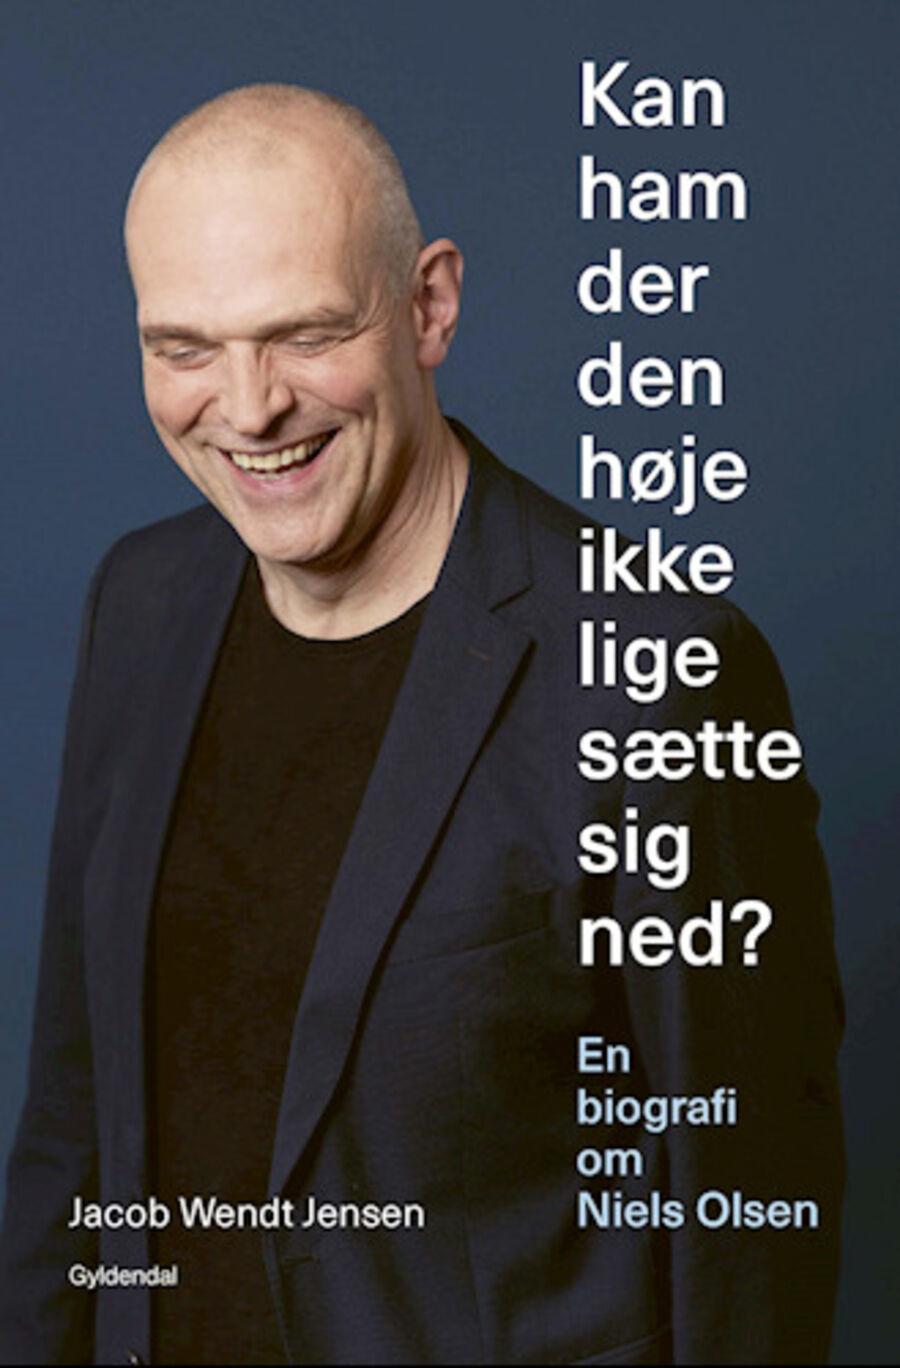 Kan ham der den høje ikke lige sætte sig ned?: en biografi om Niels Olsen